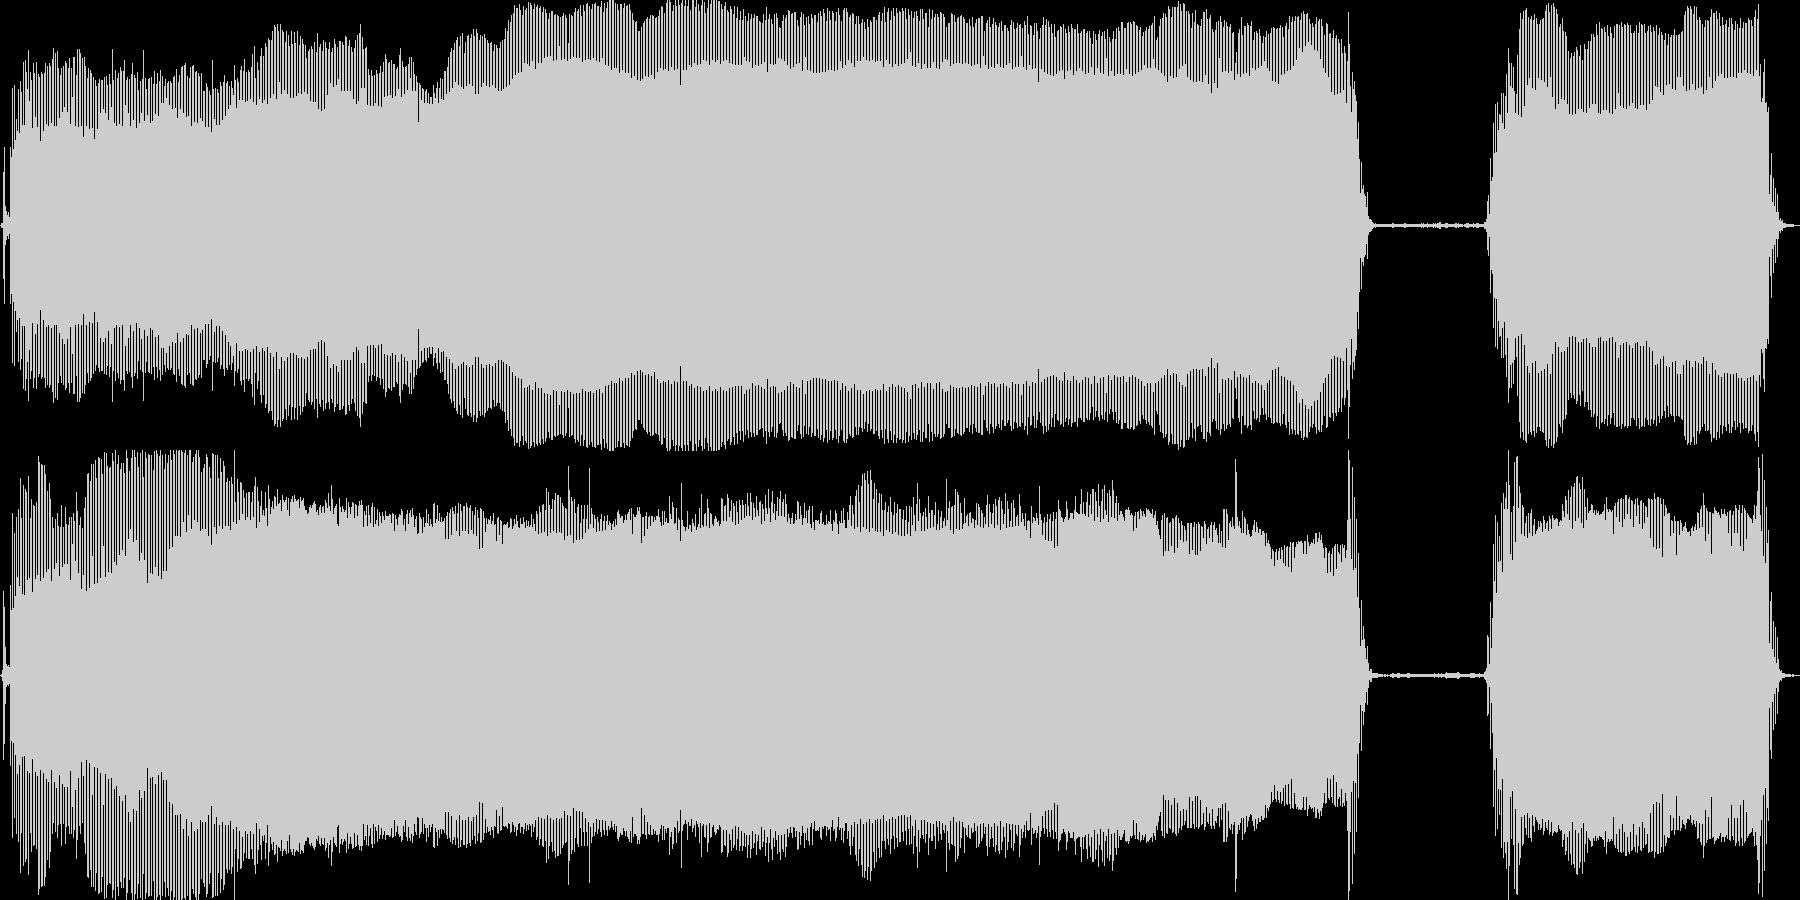 髭剃りシャーバーの音の未再生の波形